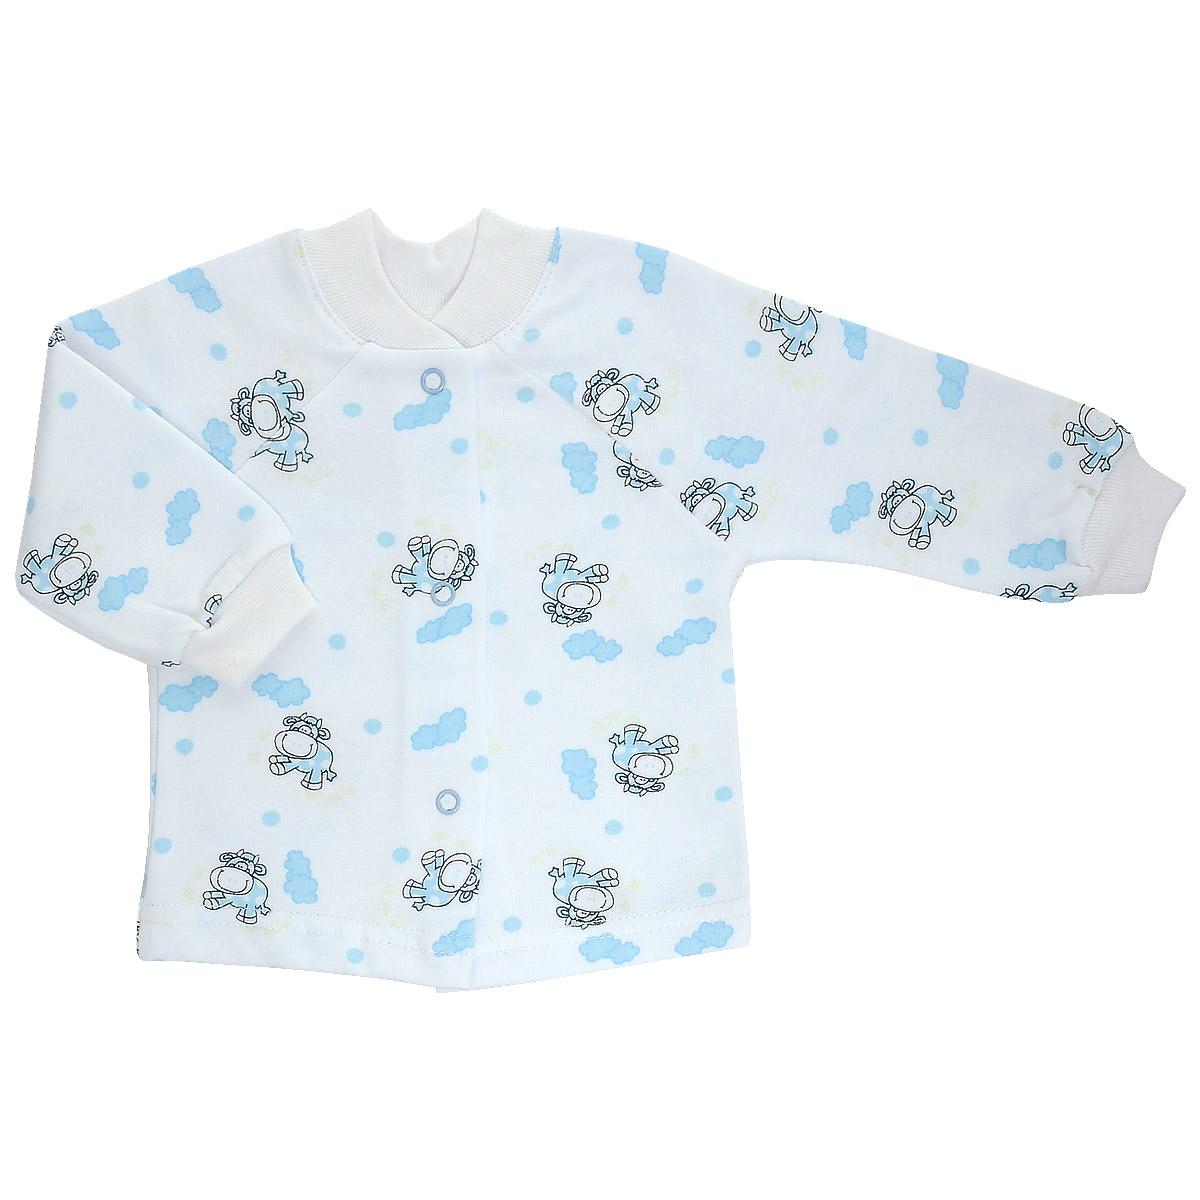 Кофточка детская Трон-Плюс, цвет: белый, голубой, рисунок коровы. 5174. Размер 80, 12 месяцев